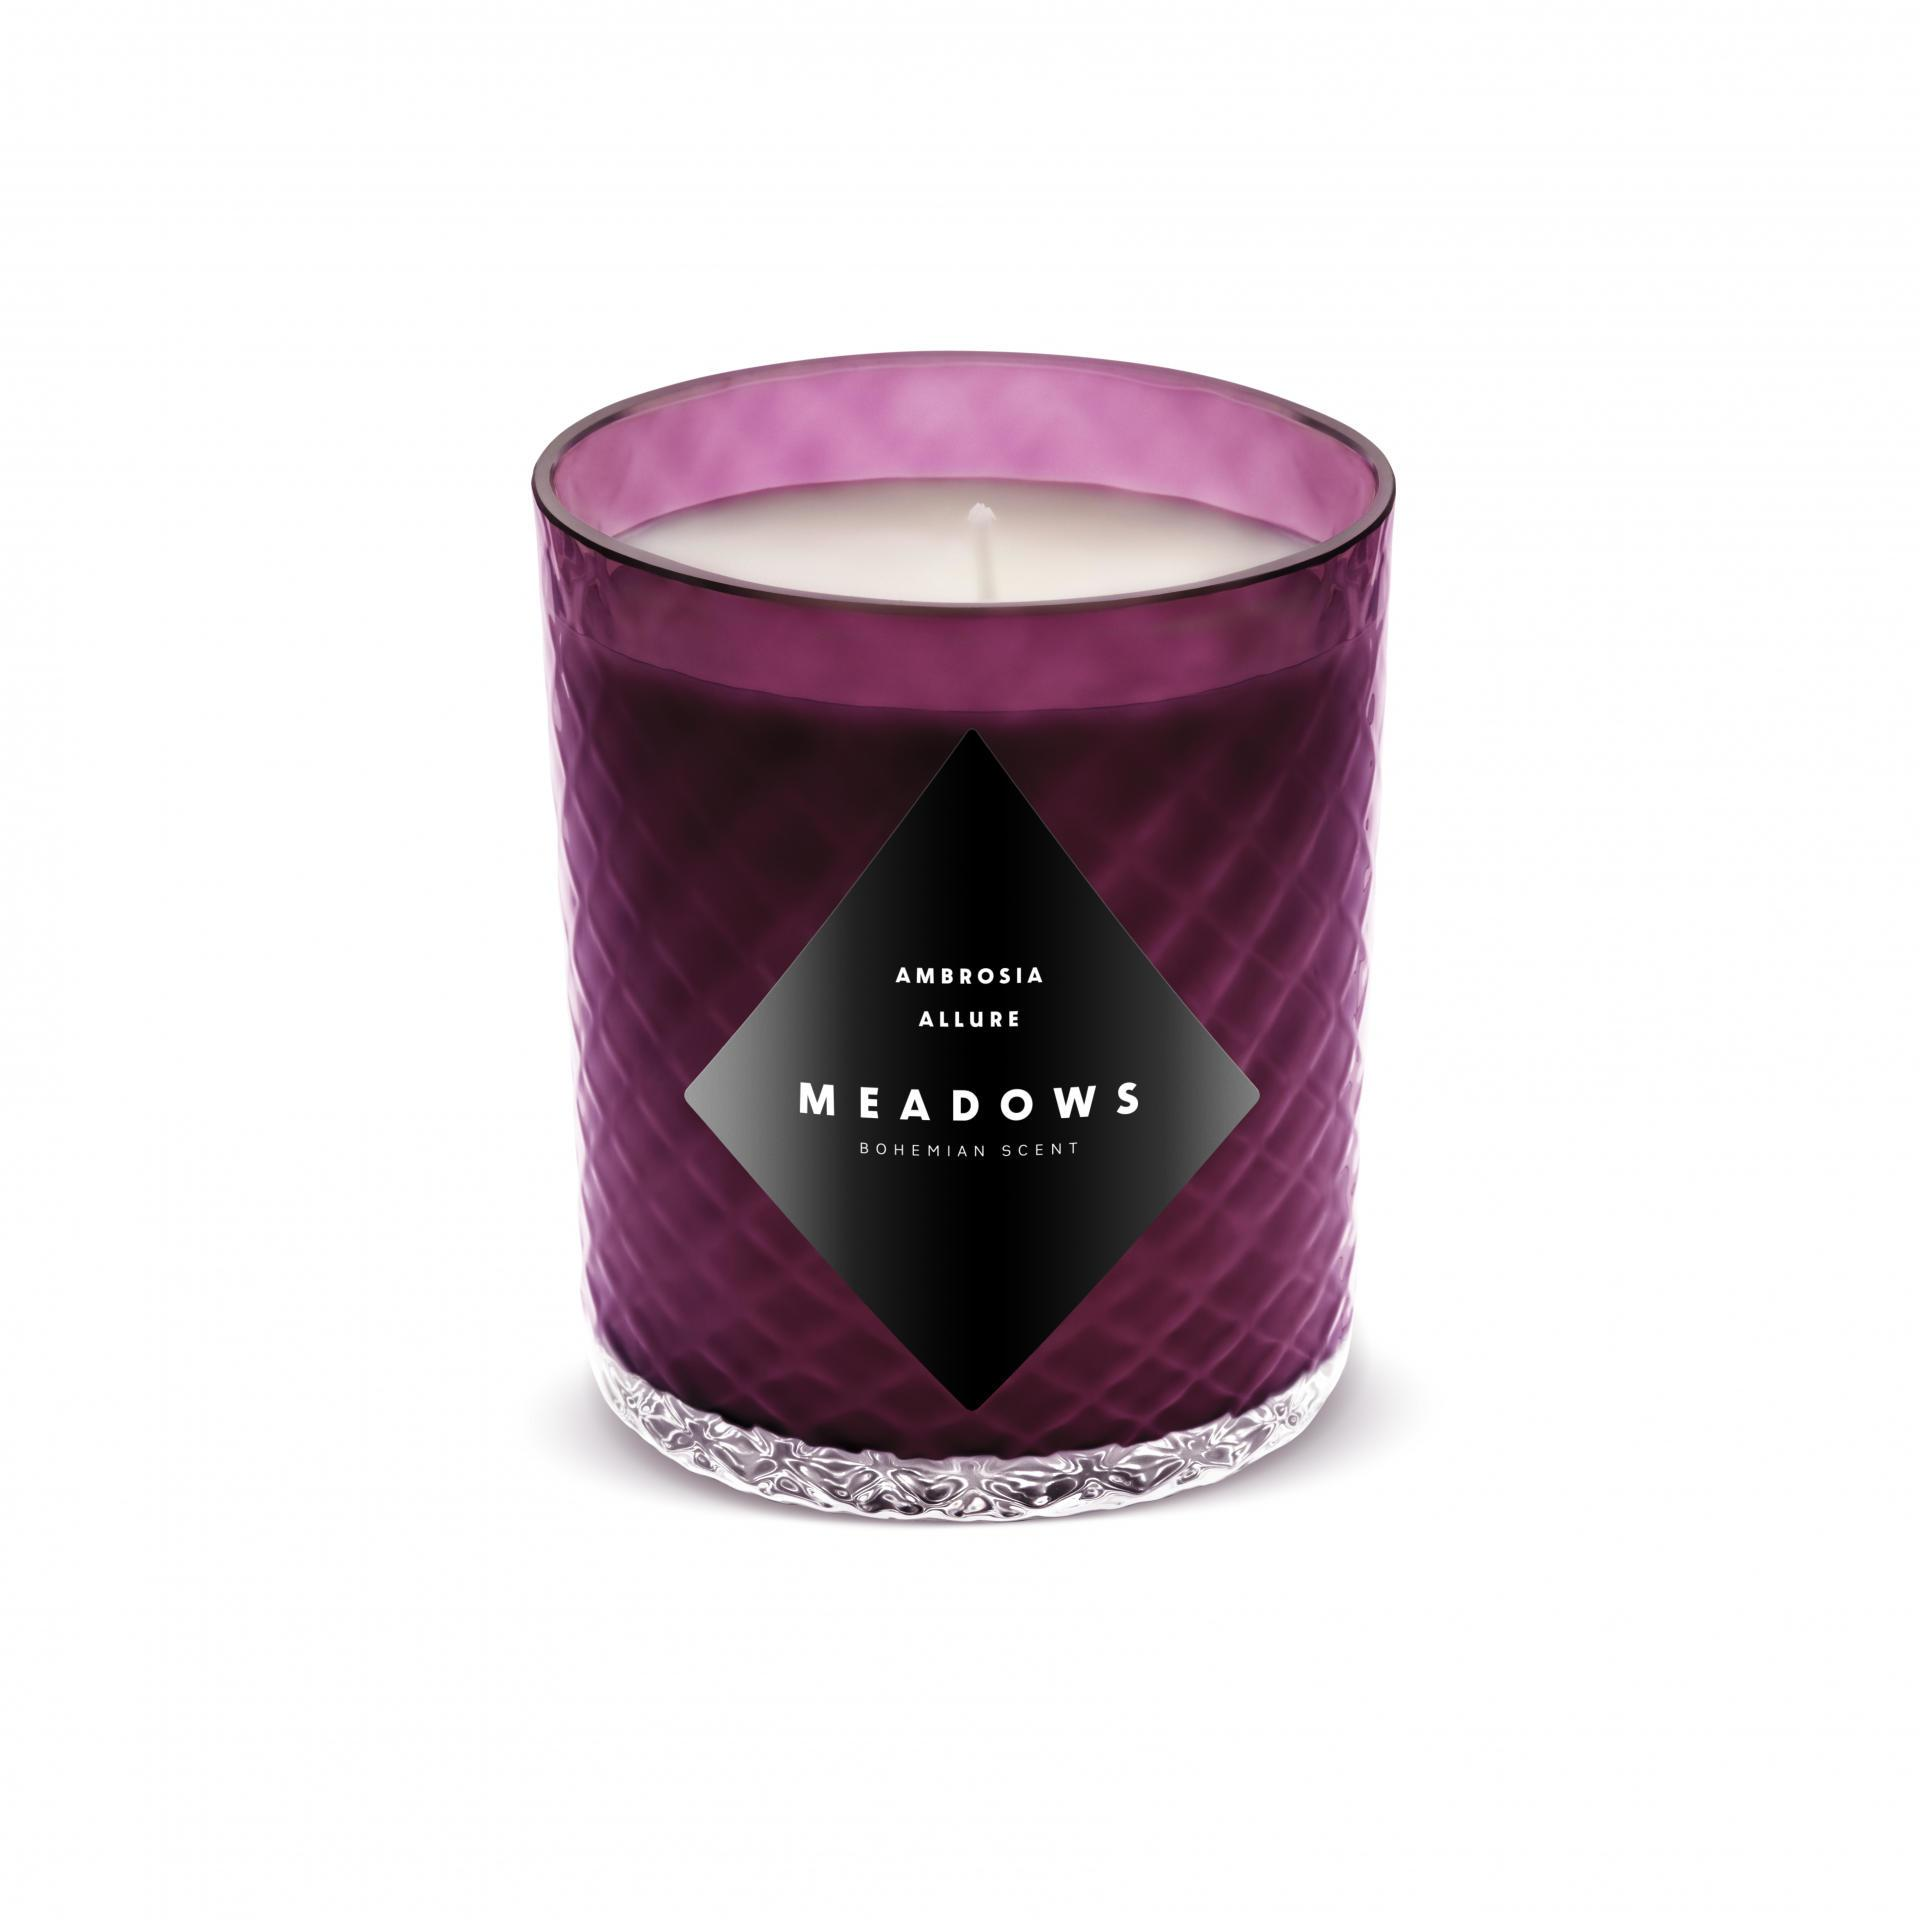 MEADOWS Luxusní vonná svíčka Ambrosia Allure, fialová barva, sklo